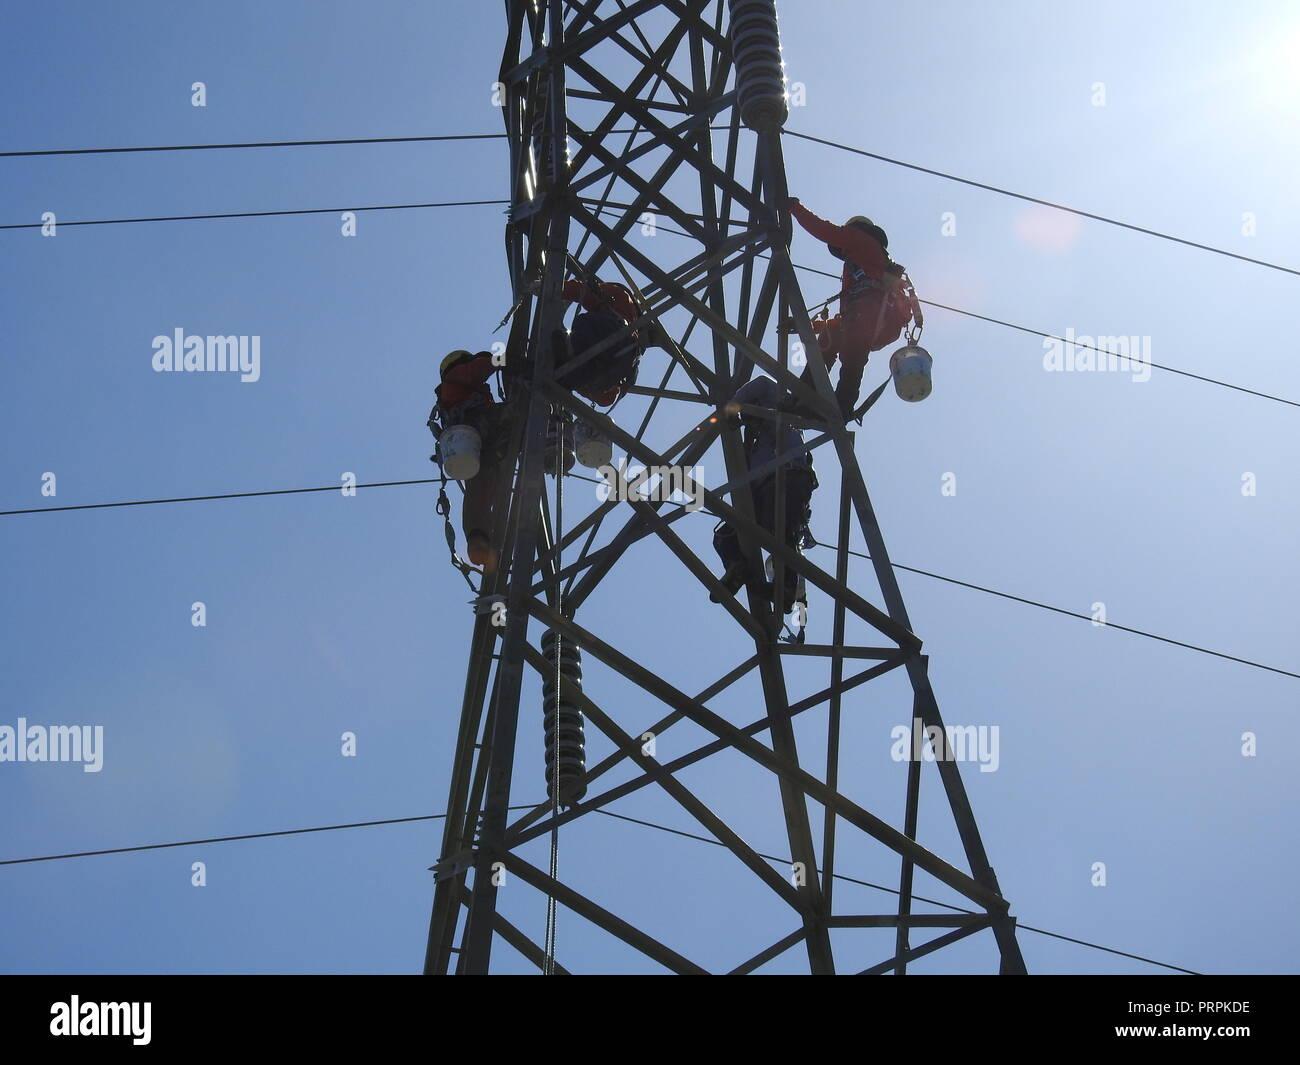 PG&E Arbeitnehmer arbeiten Leitung Farbe von einer elektrischen Turm in Orinda am 6. Juni 2017 zu entfernen. Stockbild